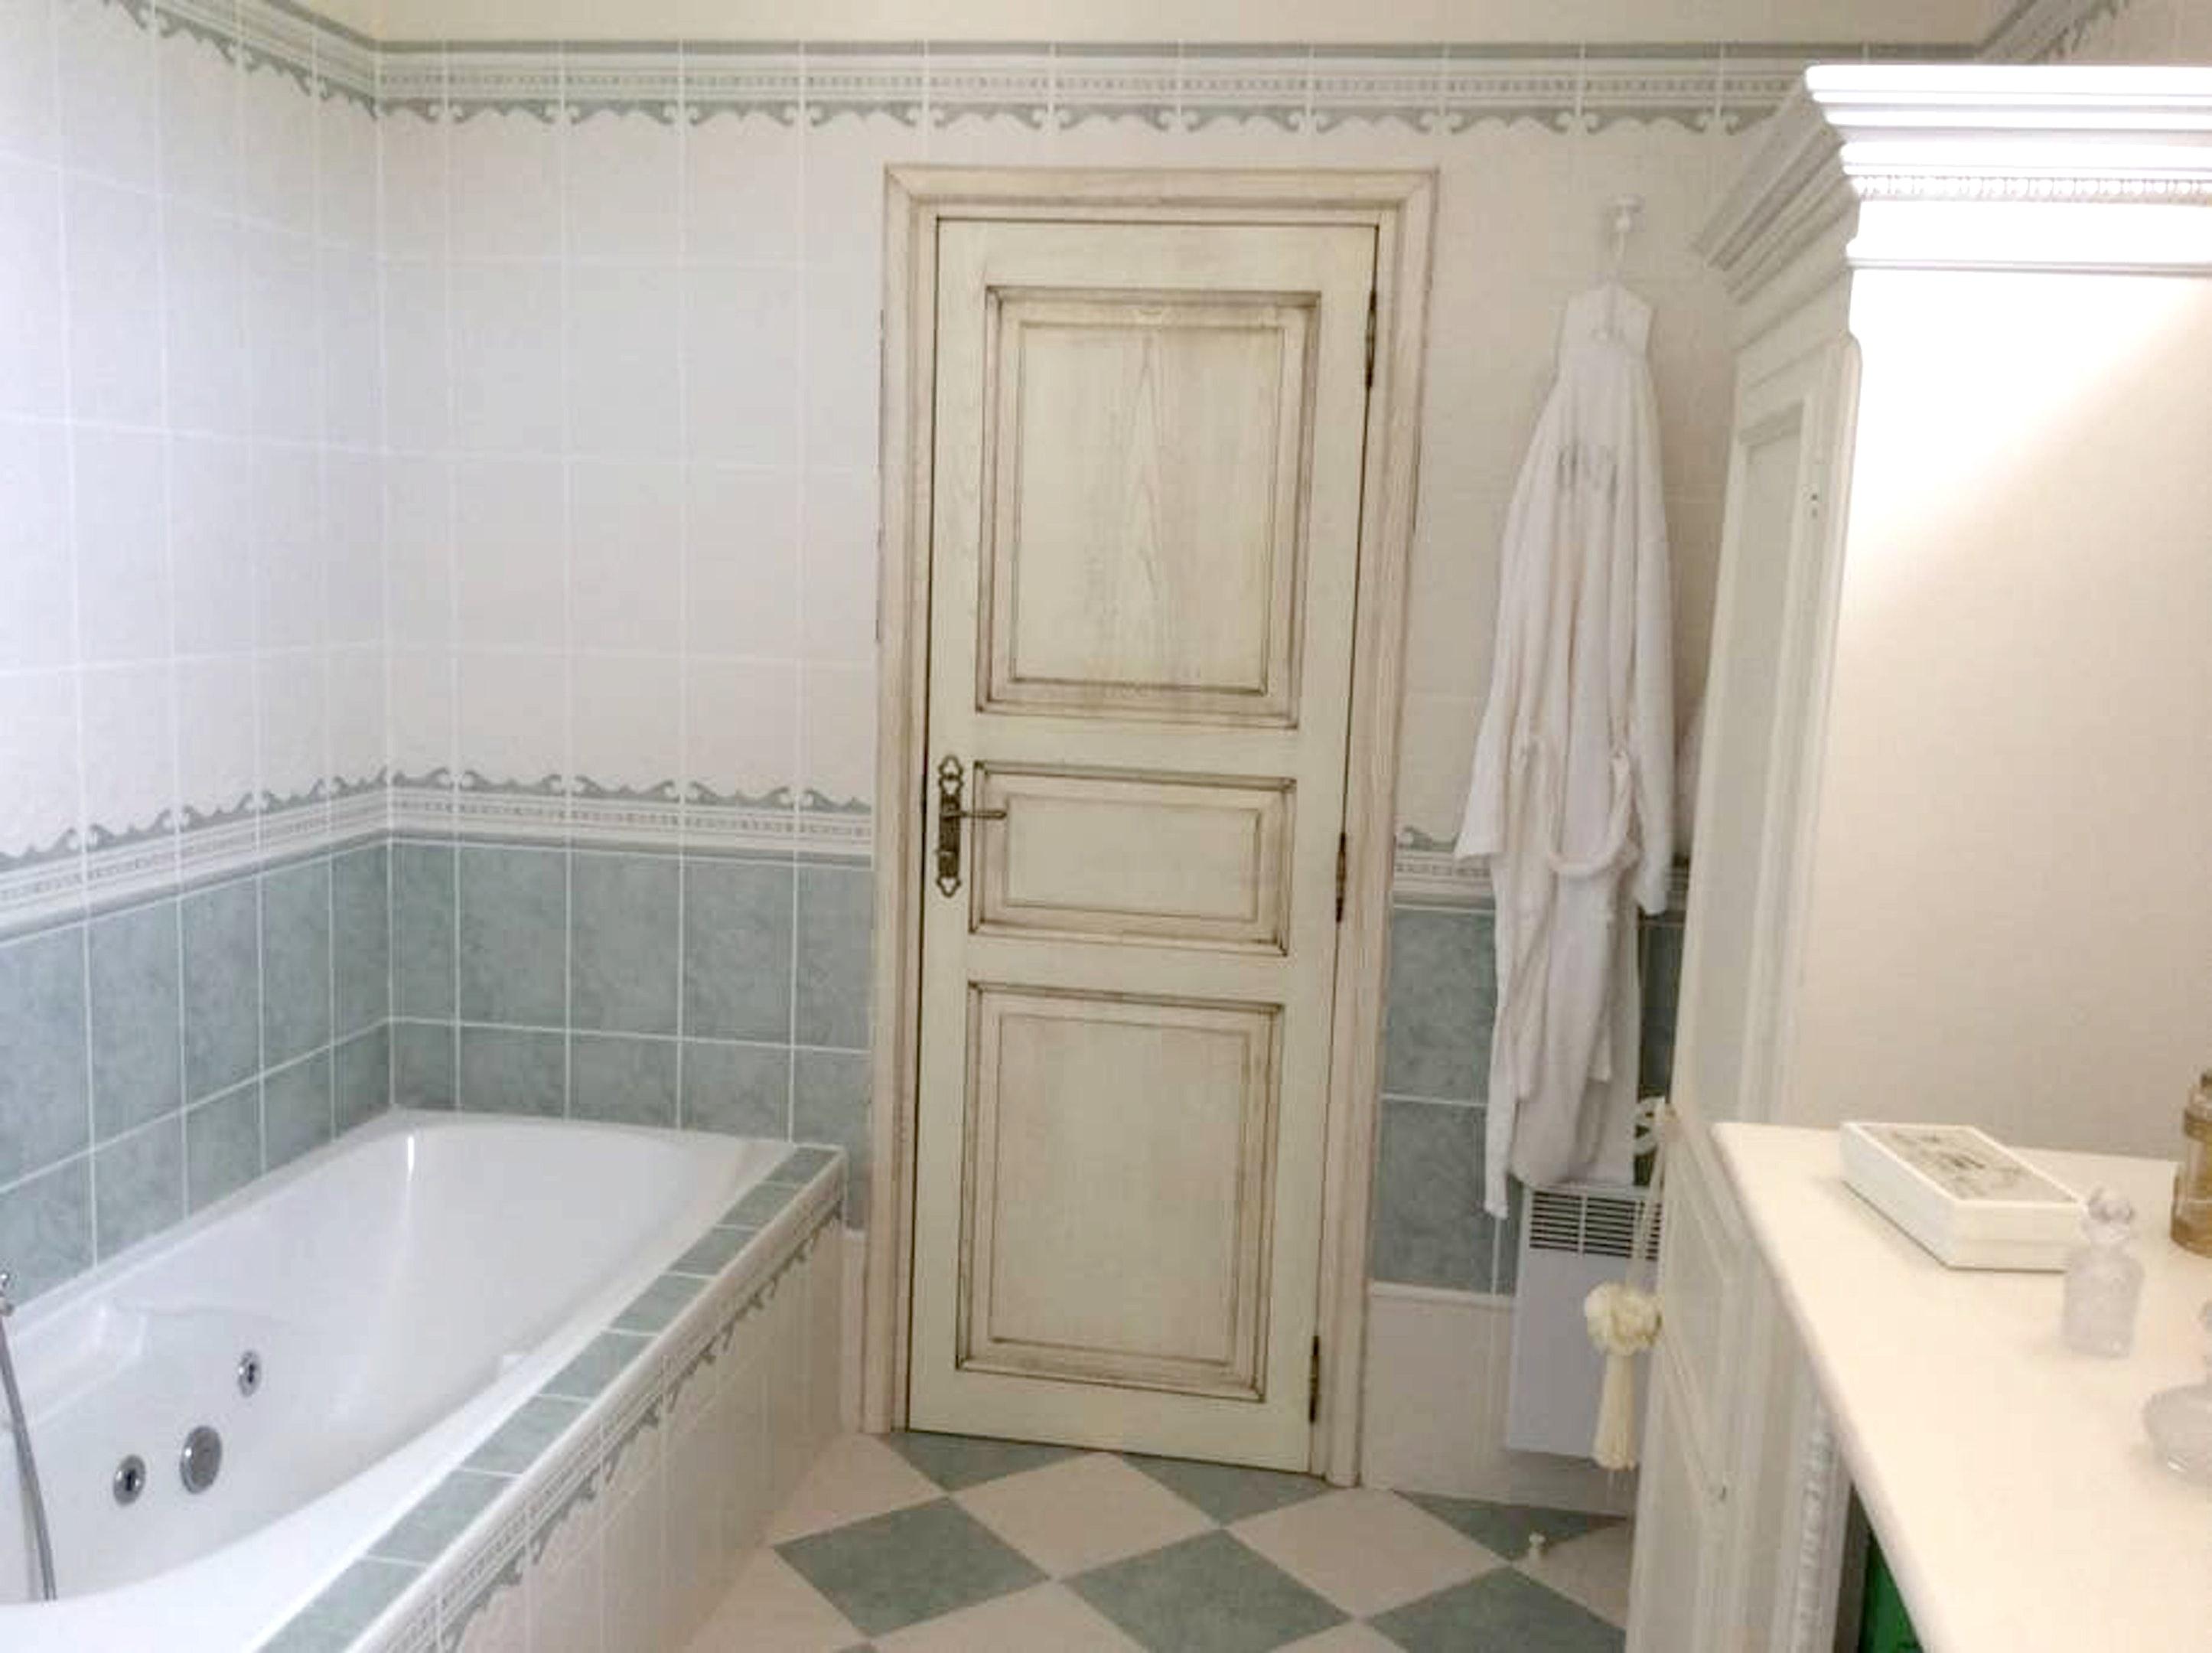 Ferienhaus Villa mit 4 Schlafzimmern in Lumio mit herrlichem Meerblick, privatem Pool, möbliertem Gar (2632533), Lumio, Nordkorsika, Korsika, Frankreich, Bild 16